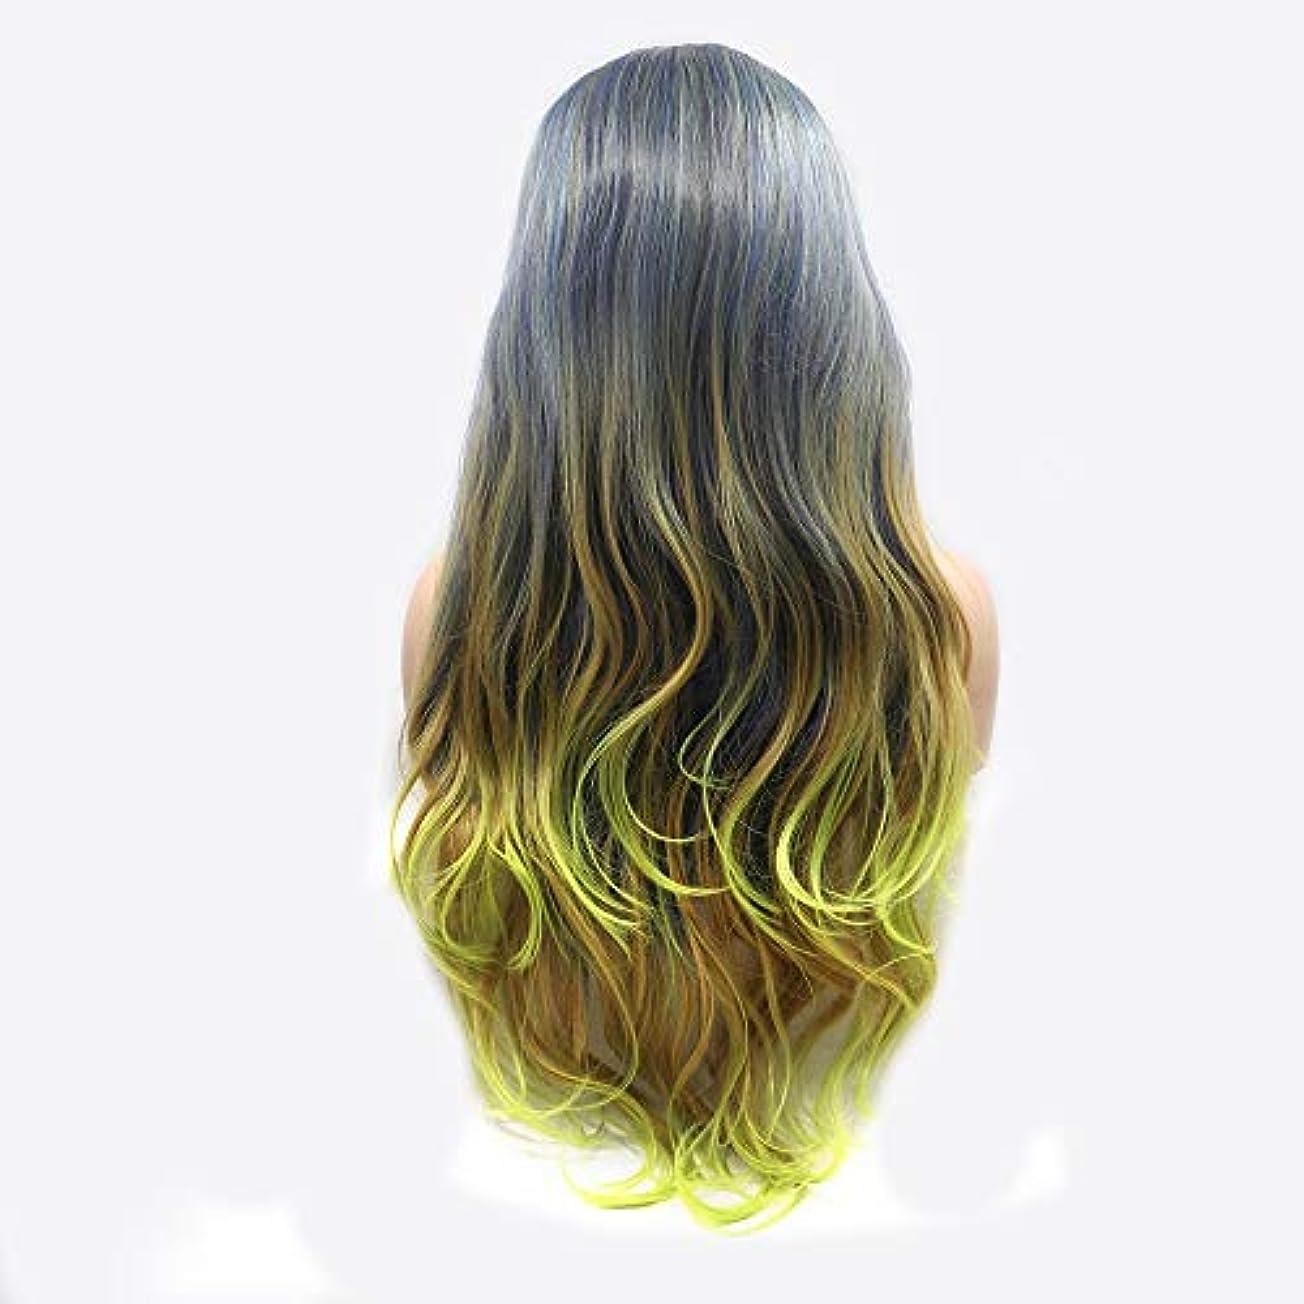 壊すスリット湿ったヘアピース 中間の長い髪の巻き毛のかつらレディース手作りレースヨーロッパとアメリカのかつらセットでホットグレーグリーンイオン